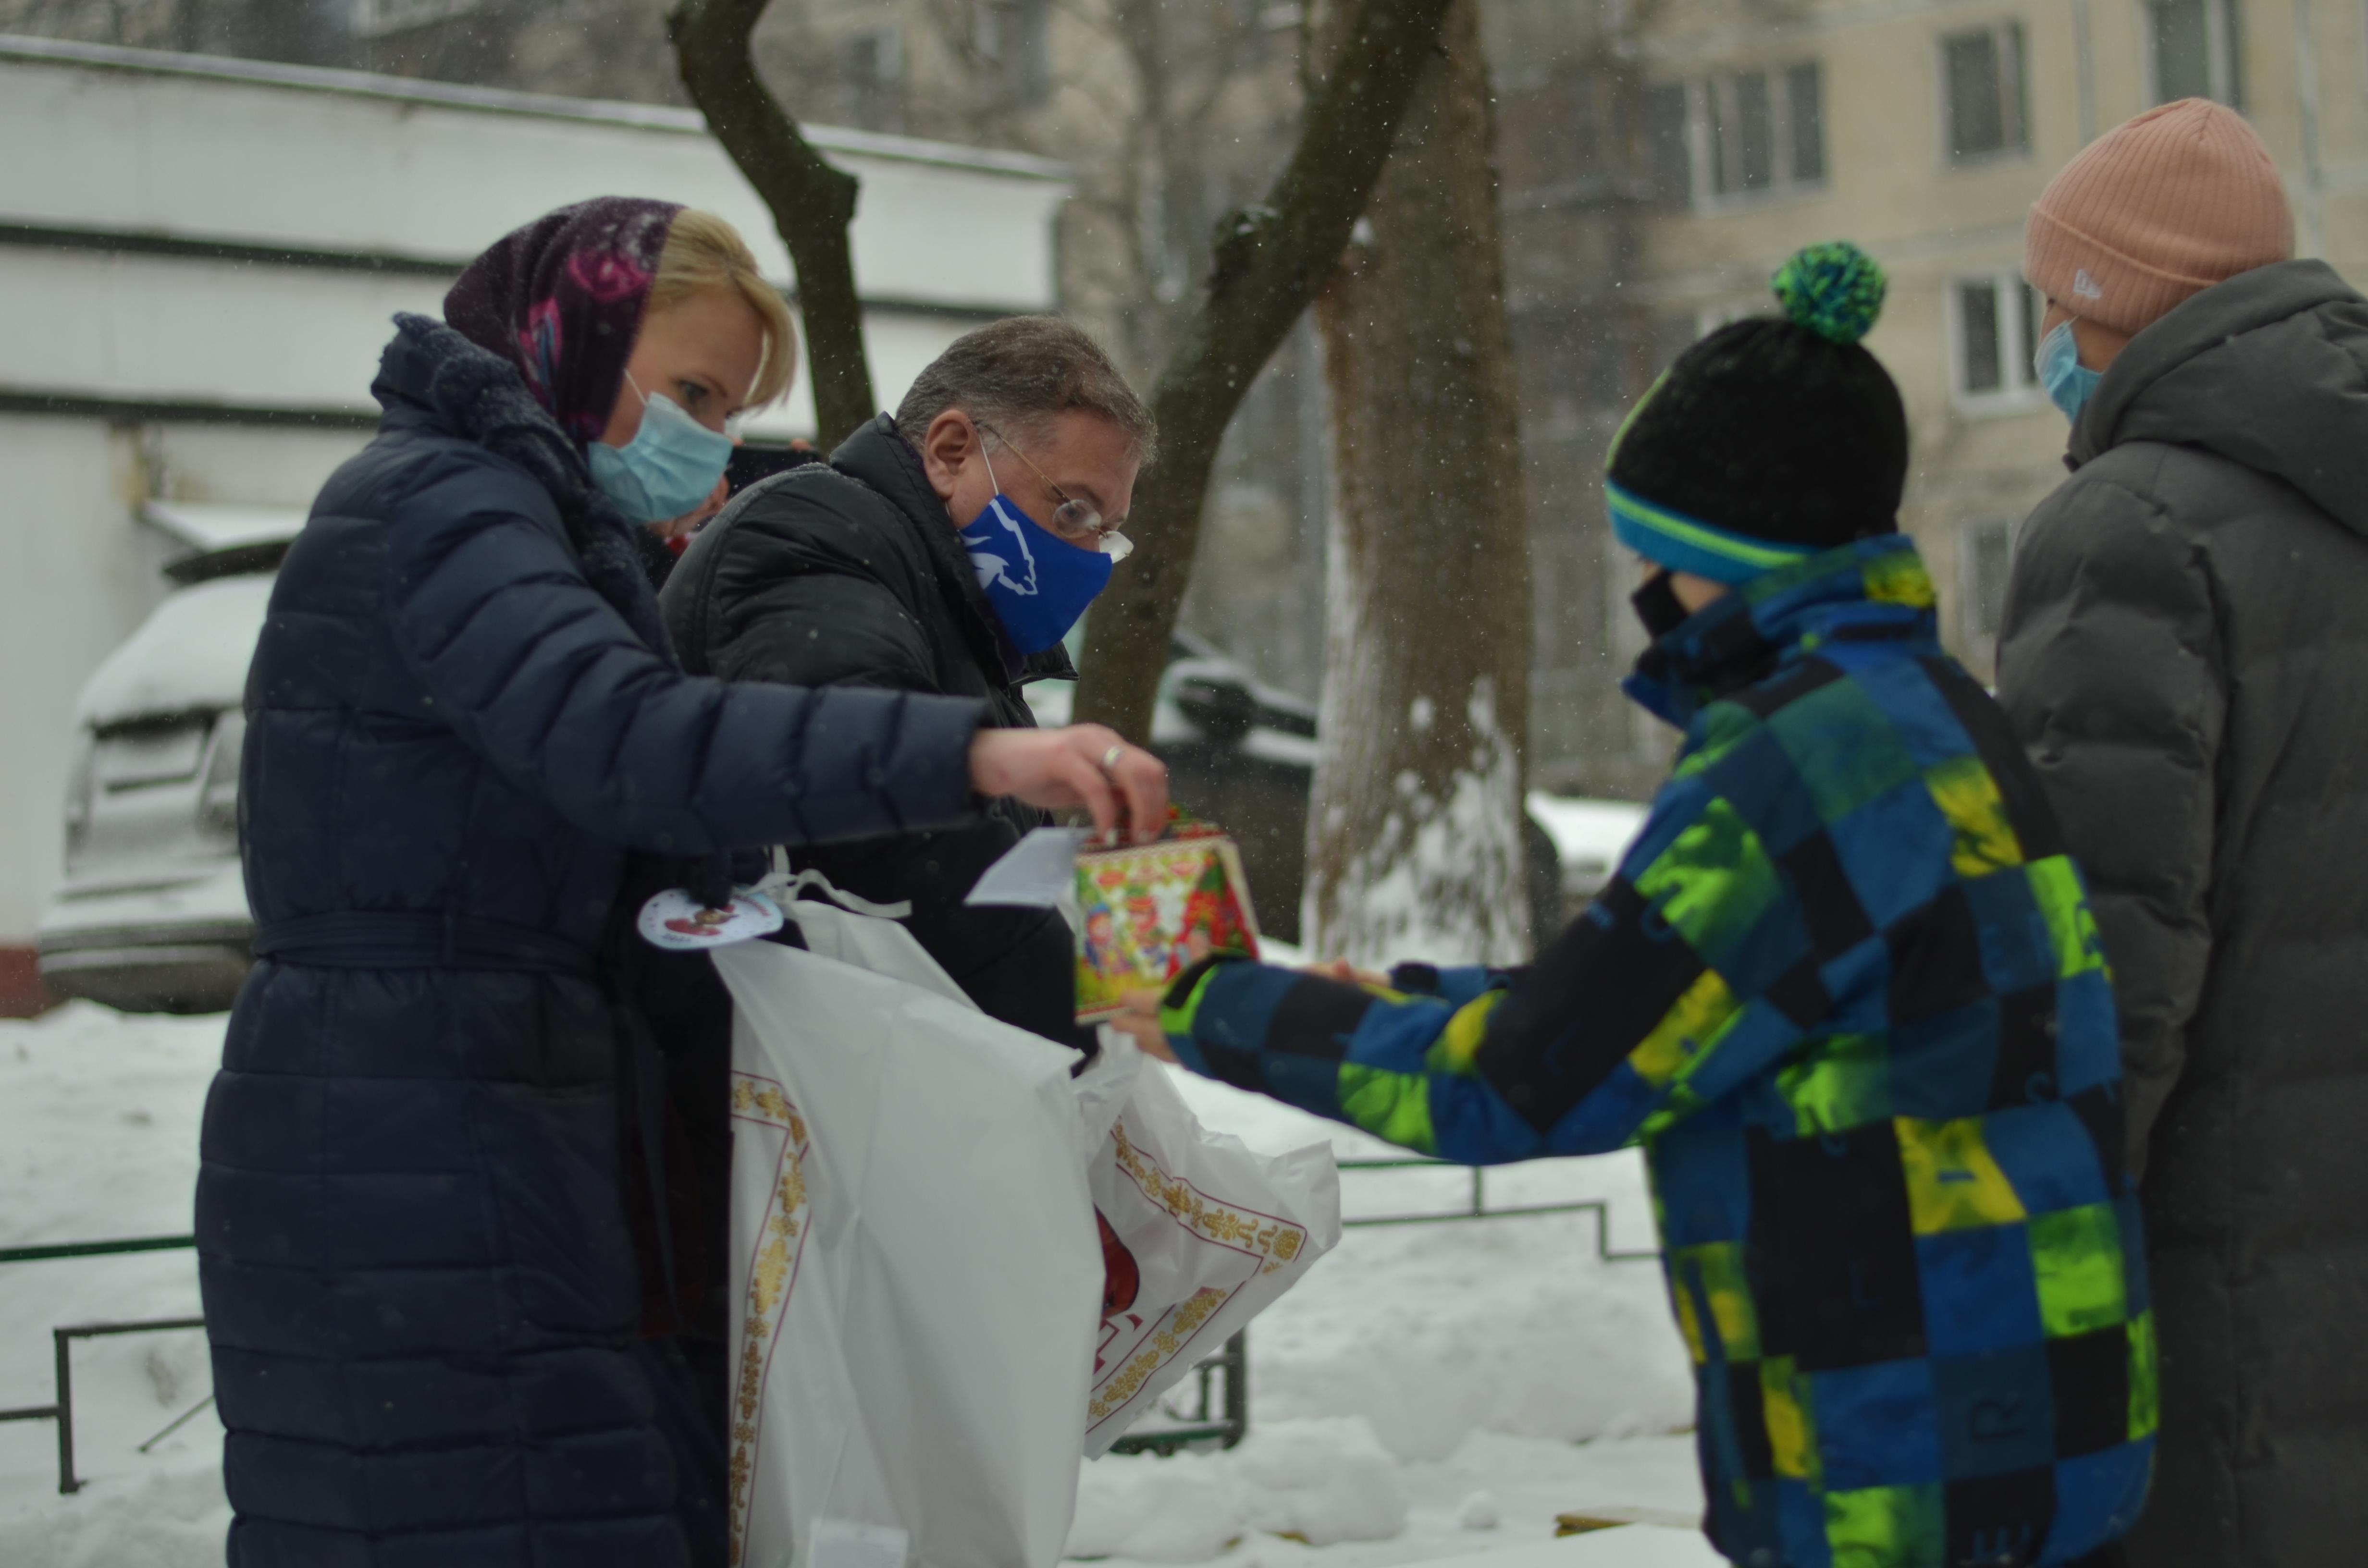 Депутат МГД Степан Орлов поздравил с наступающими праздниками семью из Южного округа